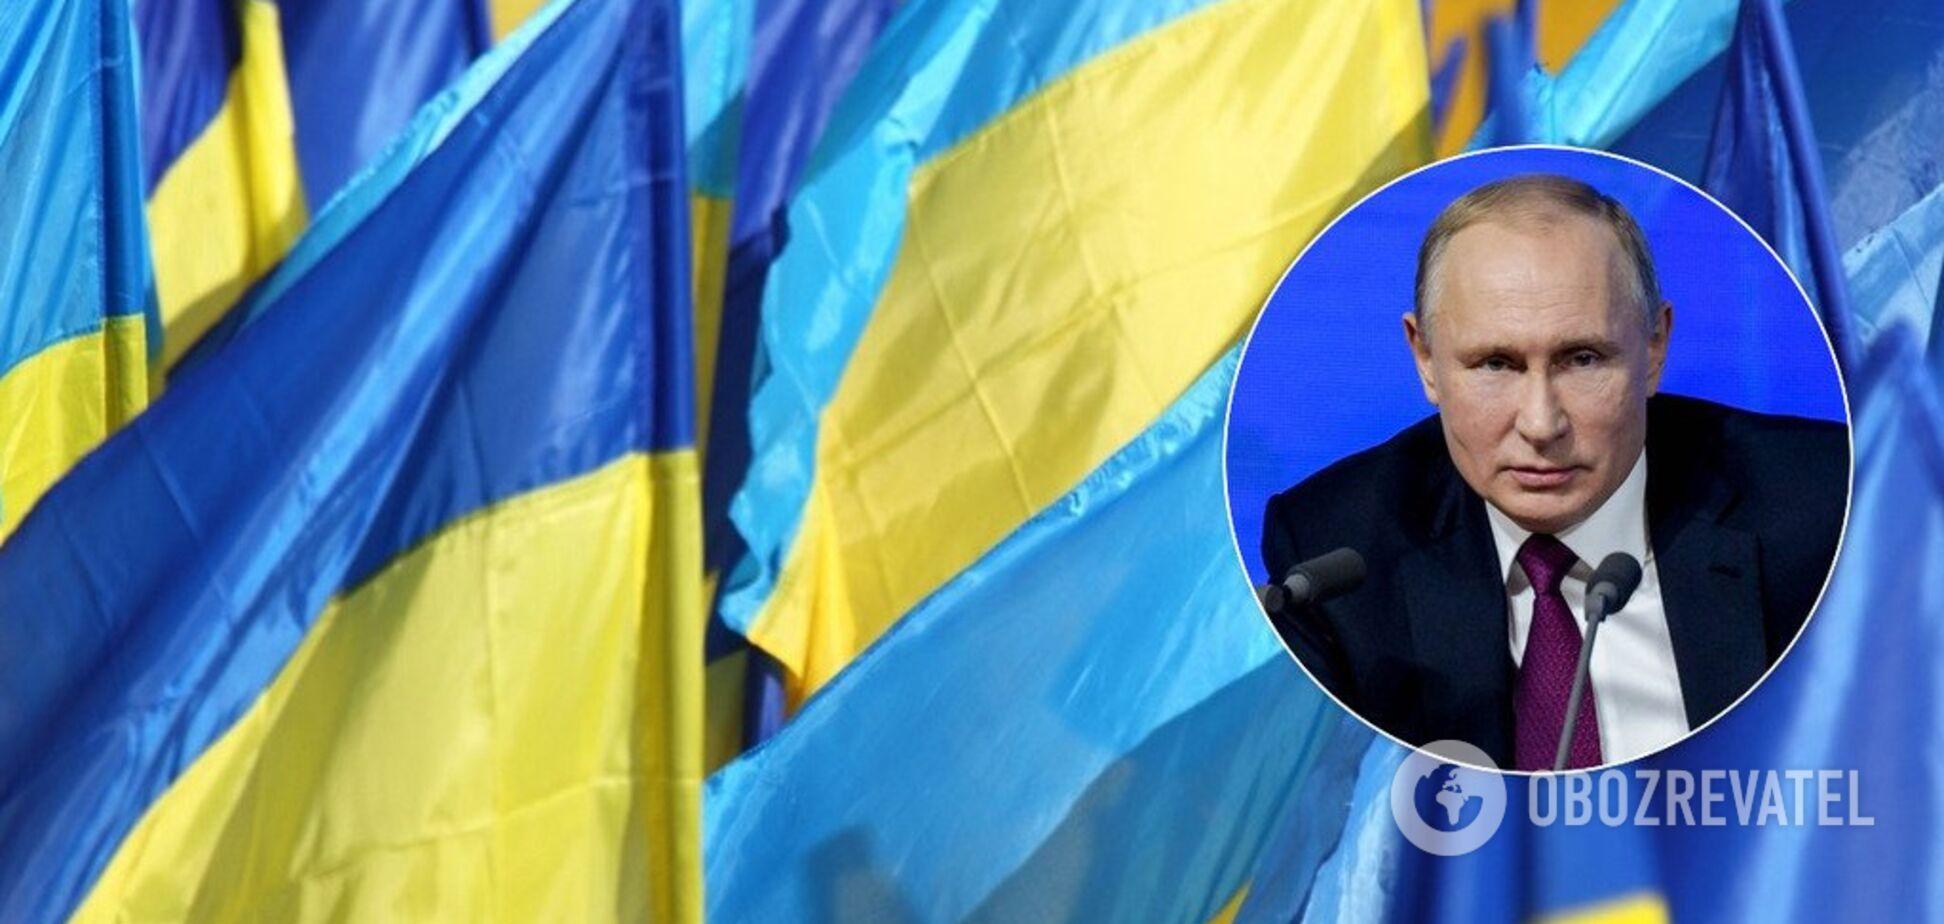 Наползание Путина на Украину прекратится в одну секунду